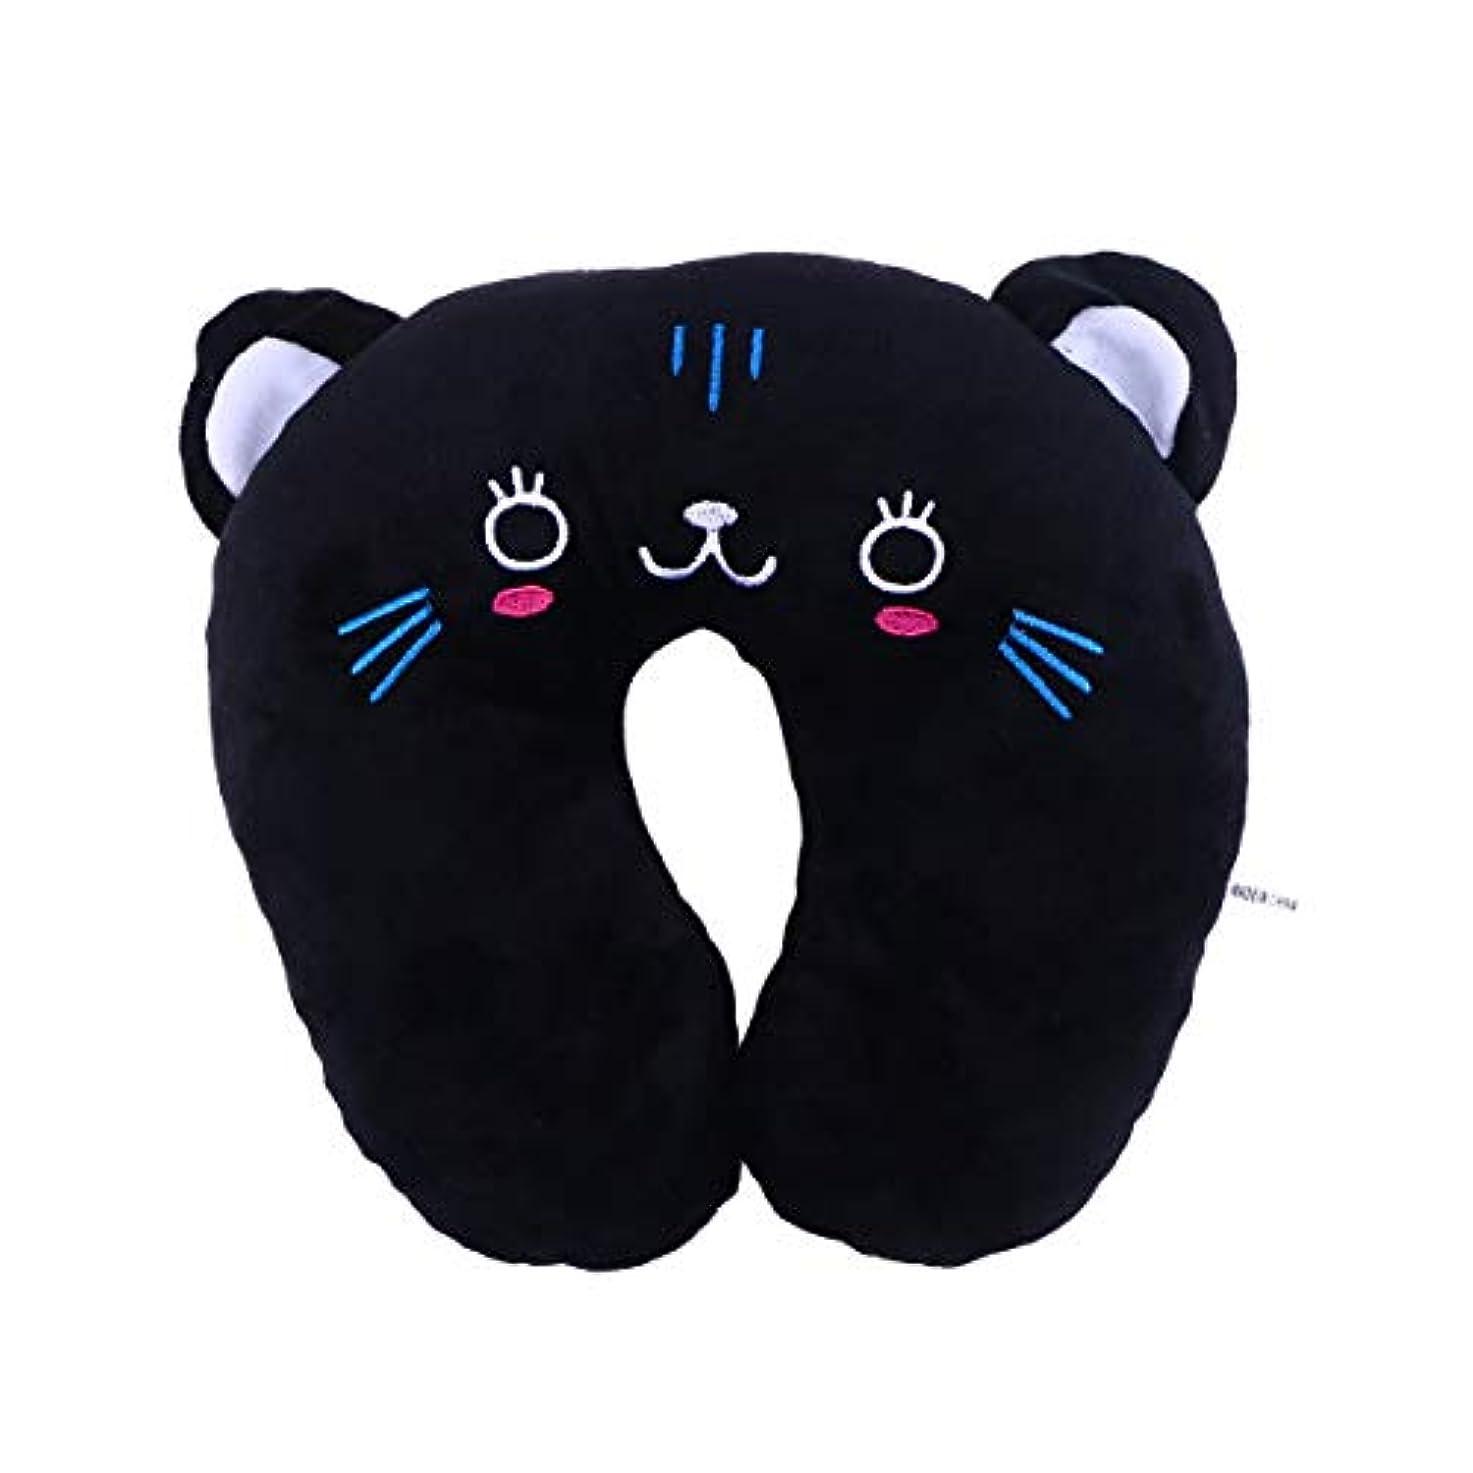 学ぶピボット上向きHEALIFTY 首牽引枕漫画ぬいぐるみU字型枕首サポートクッション旅行枕飛行機のための車(黒猫)